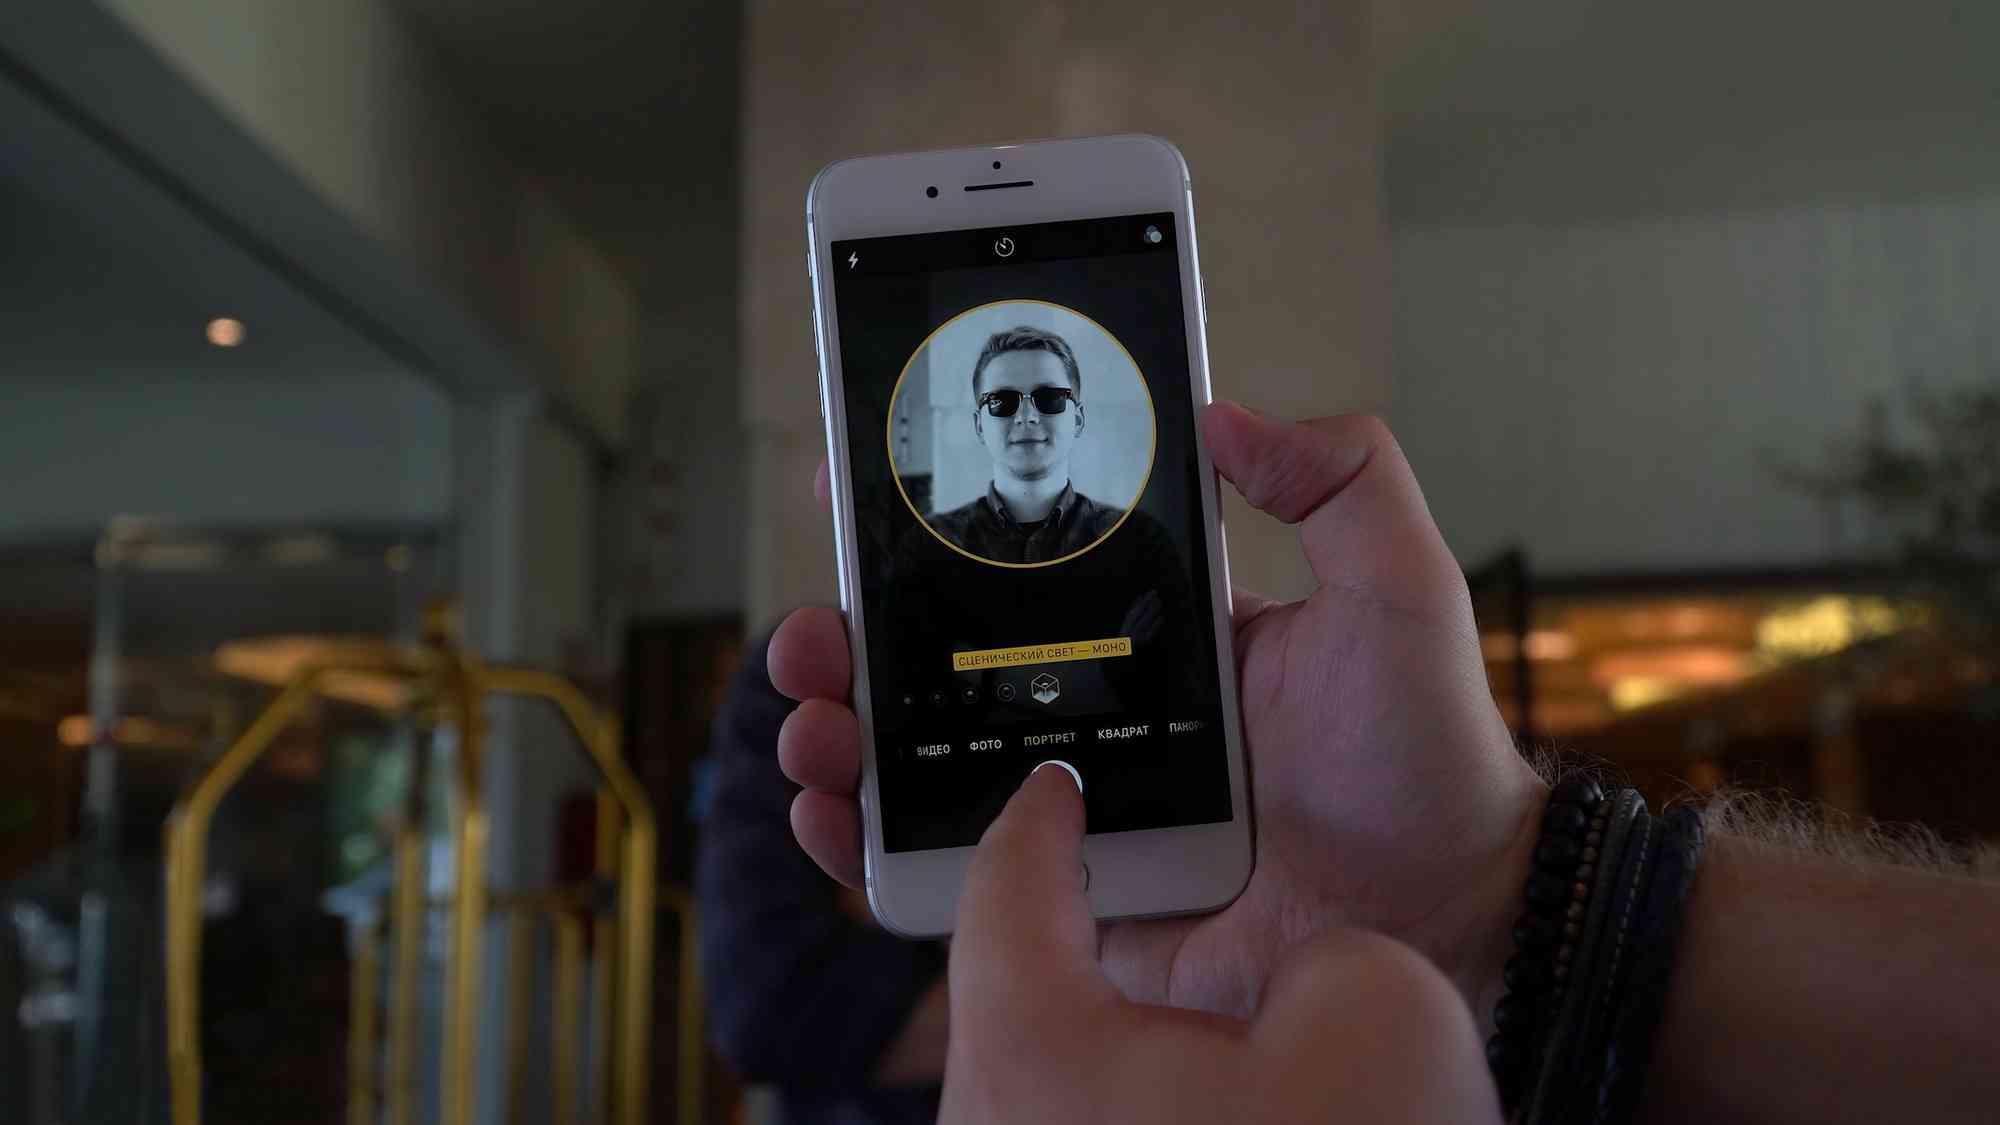 Первый, быстрый обзор iPhone 8 Plus с реальными фото Apple  - iphone8plus_obzor_07-1